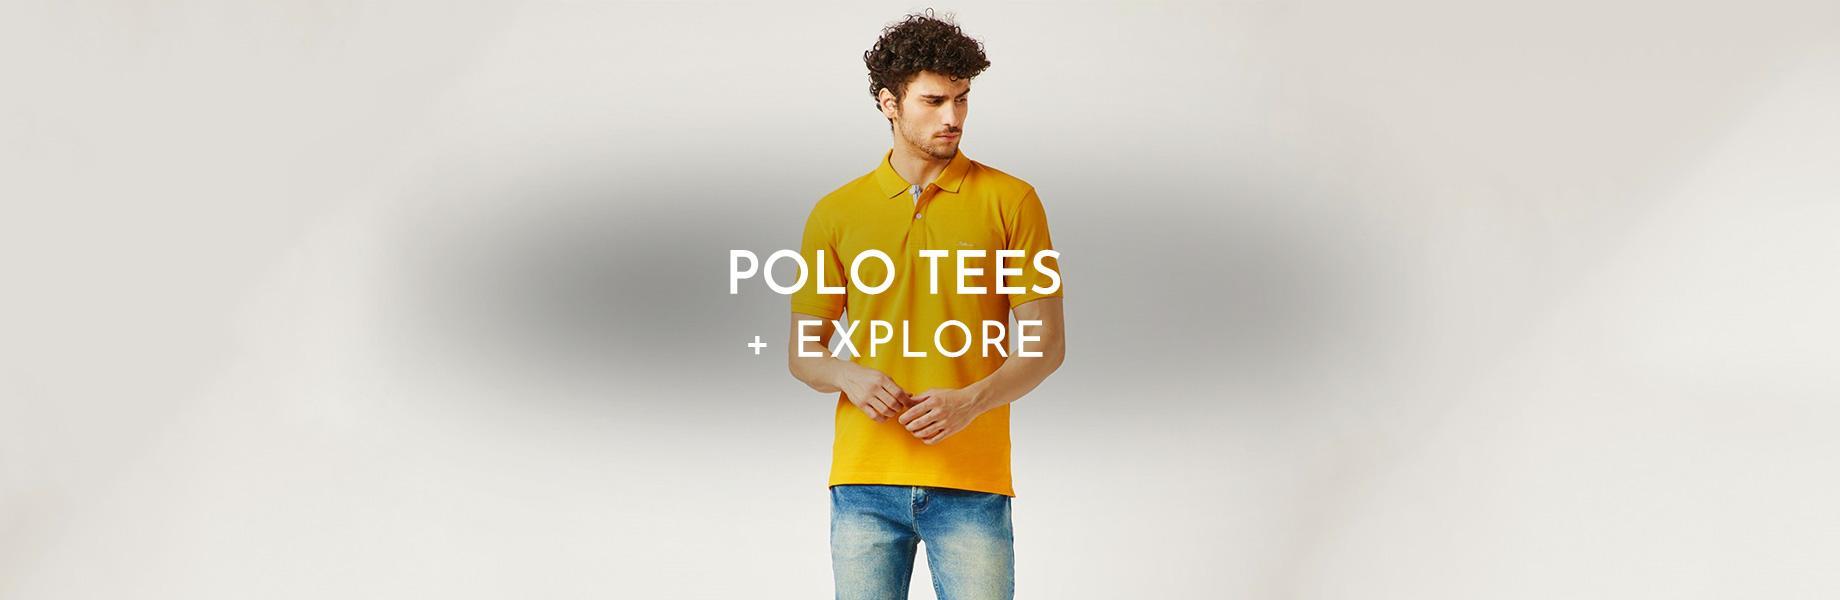 Polo-Tess-